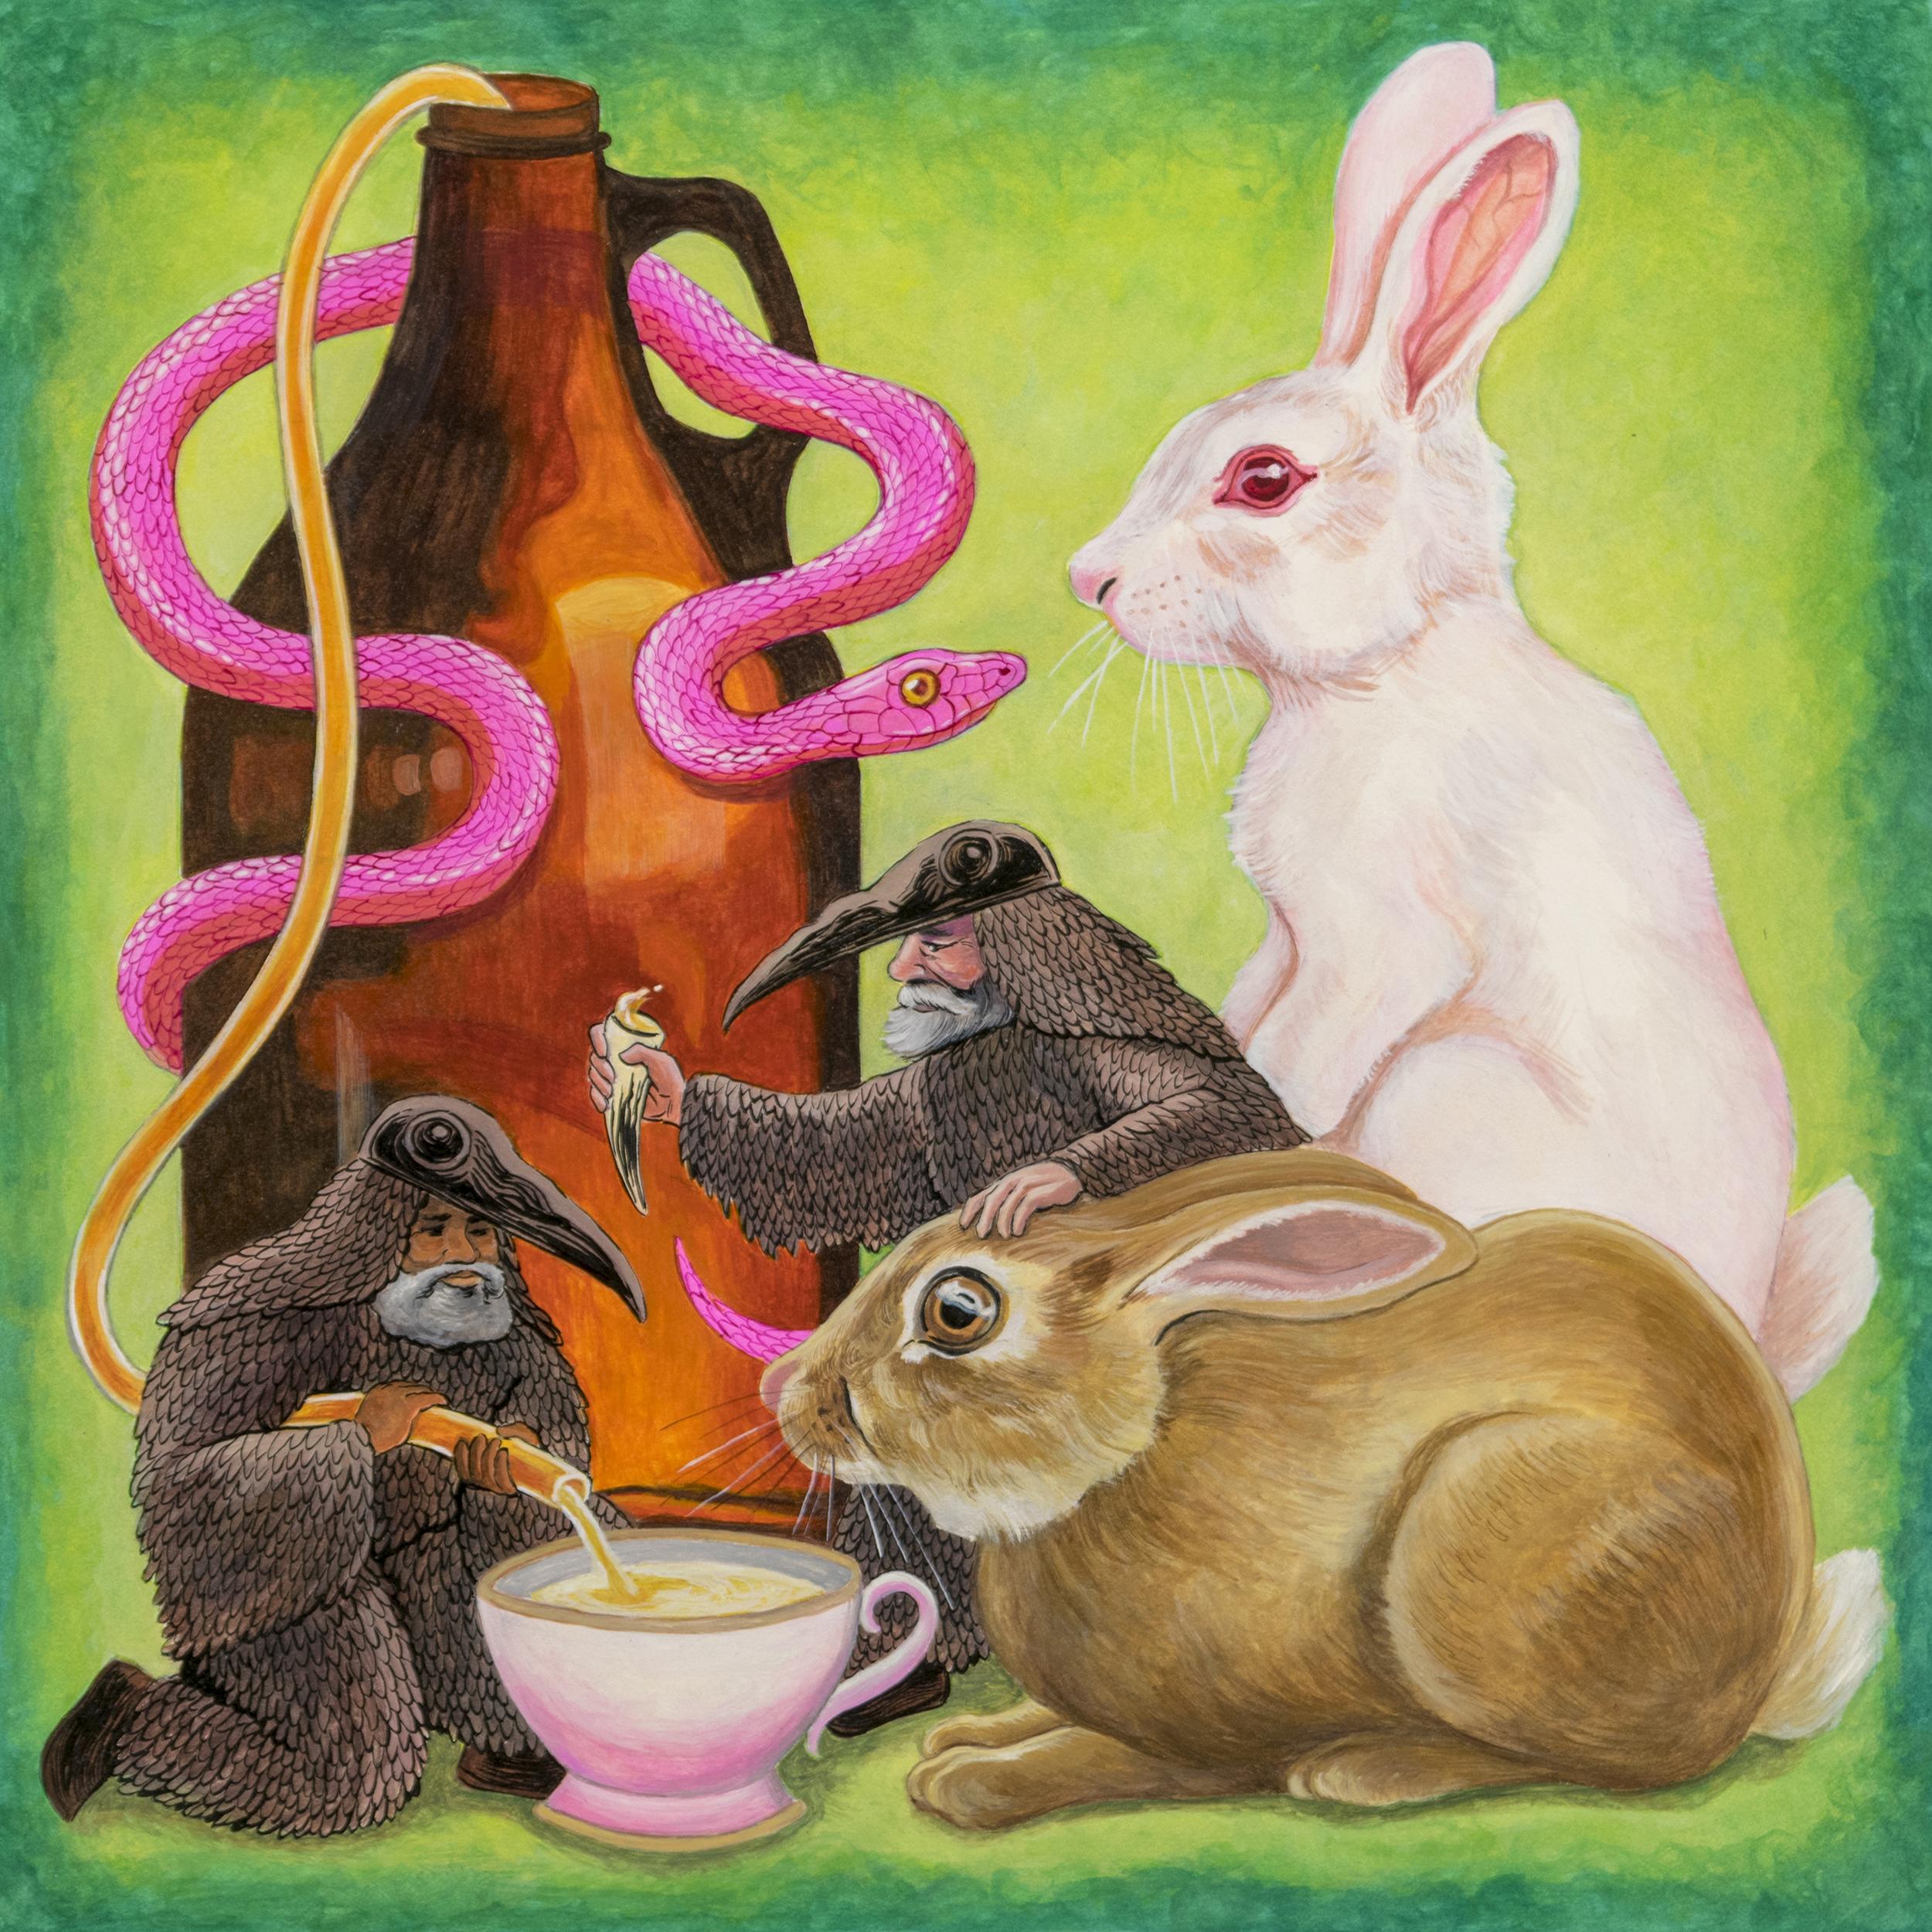 image_rabbit_revelers_snake_beer_teacup.jpg